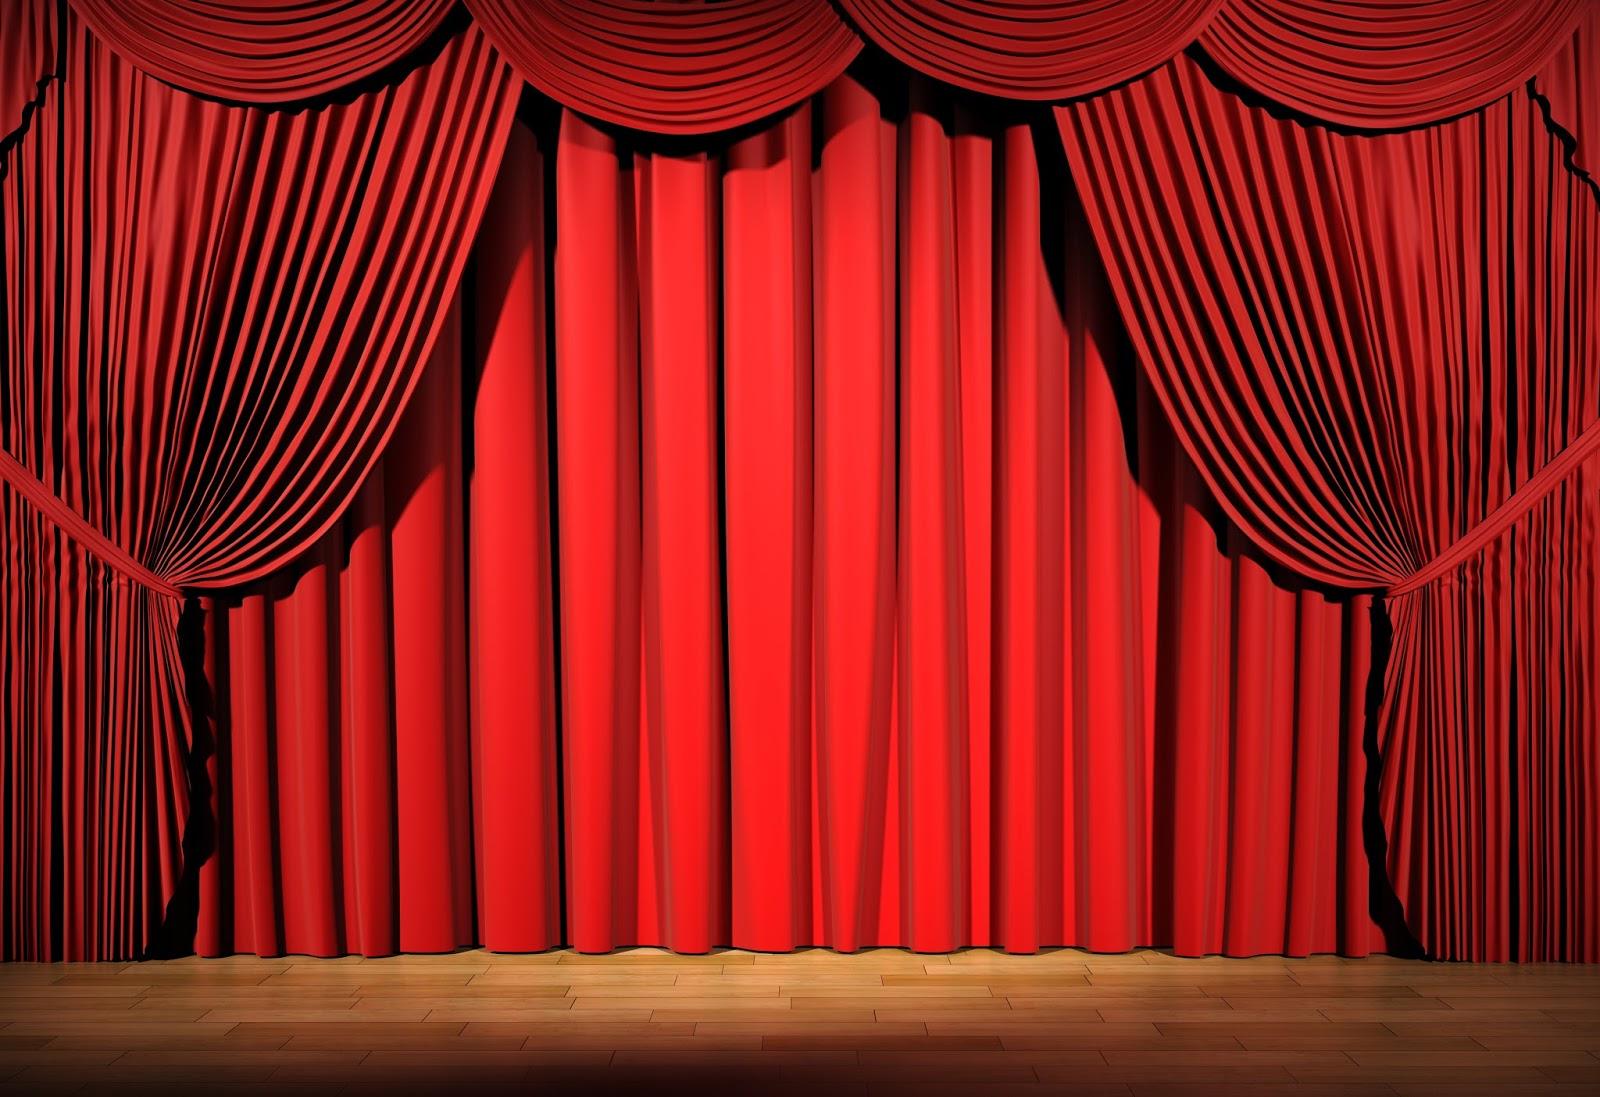 Curtain Pleats Styles Types Pocket Poirot Last Case